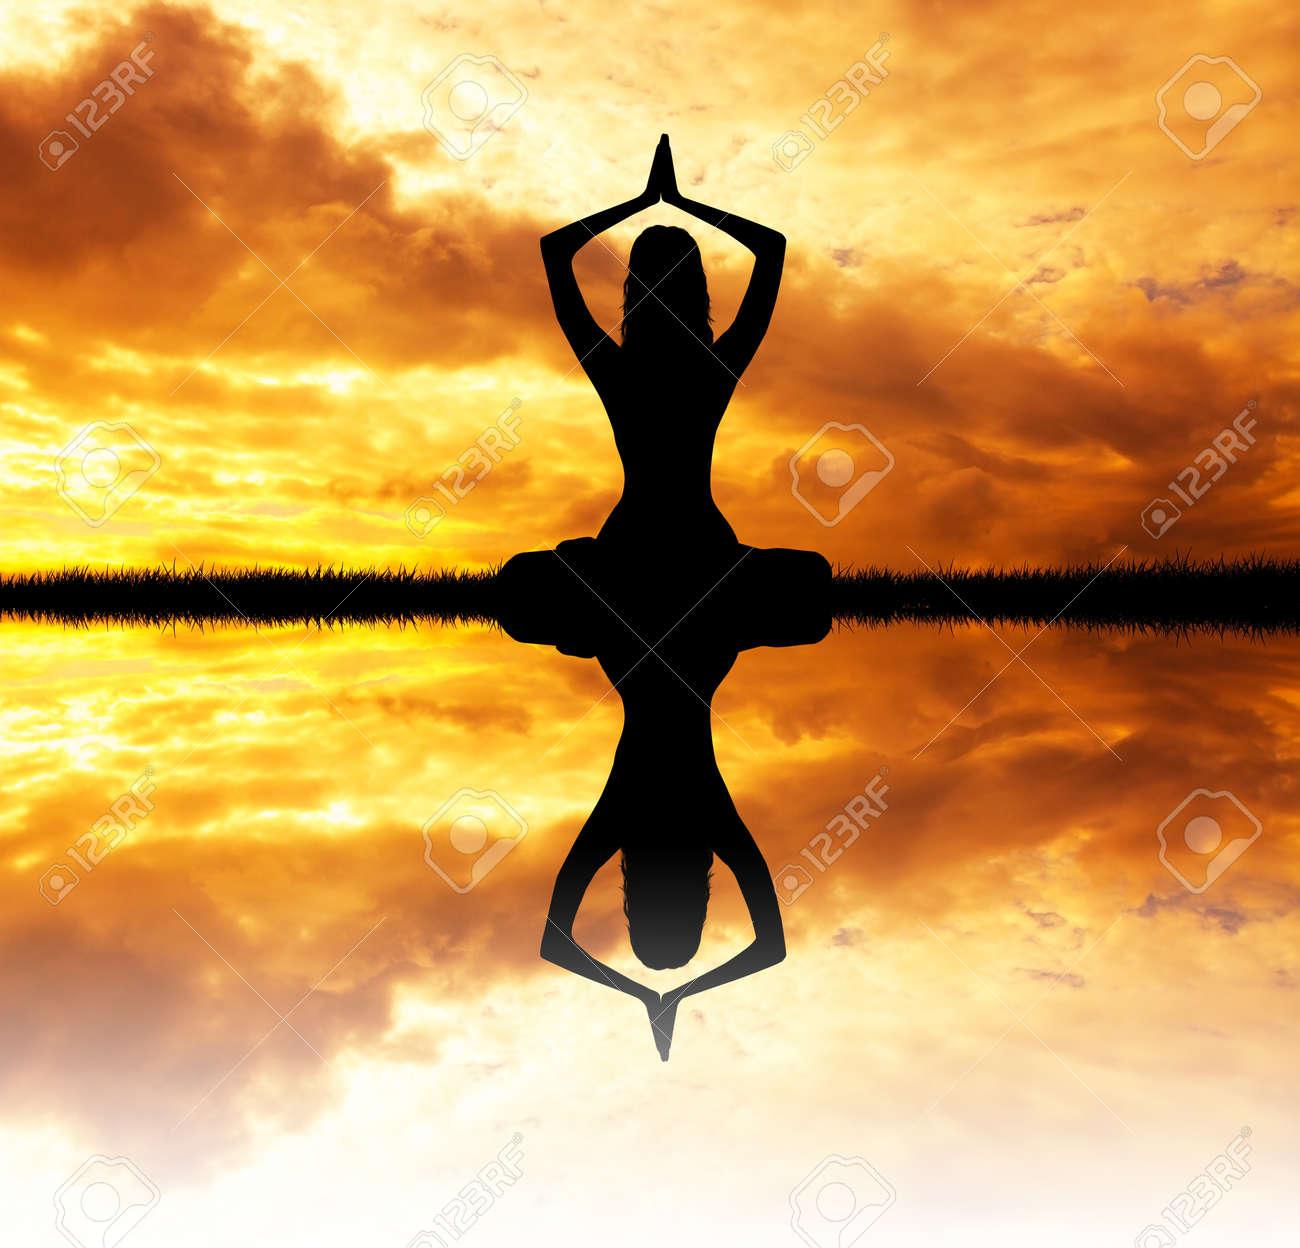 yoga at sunset Stock Photo - 27270994